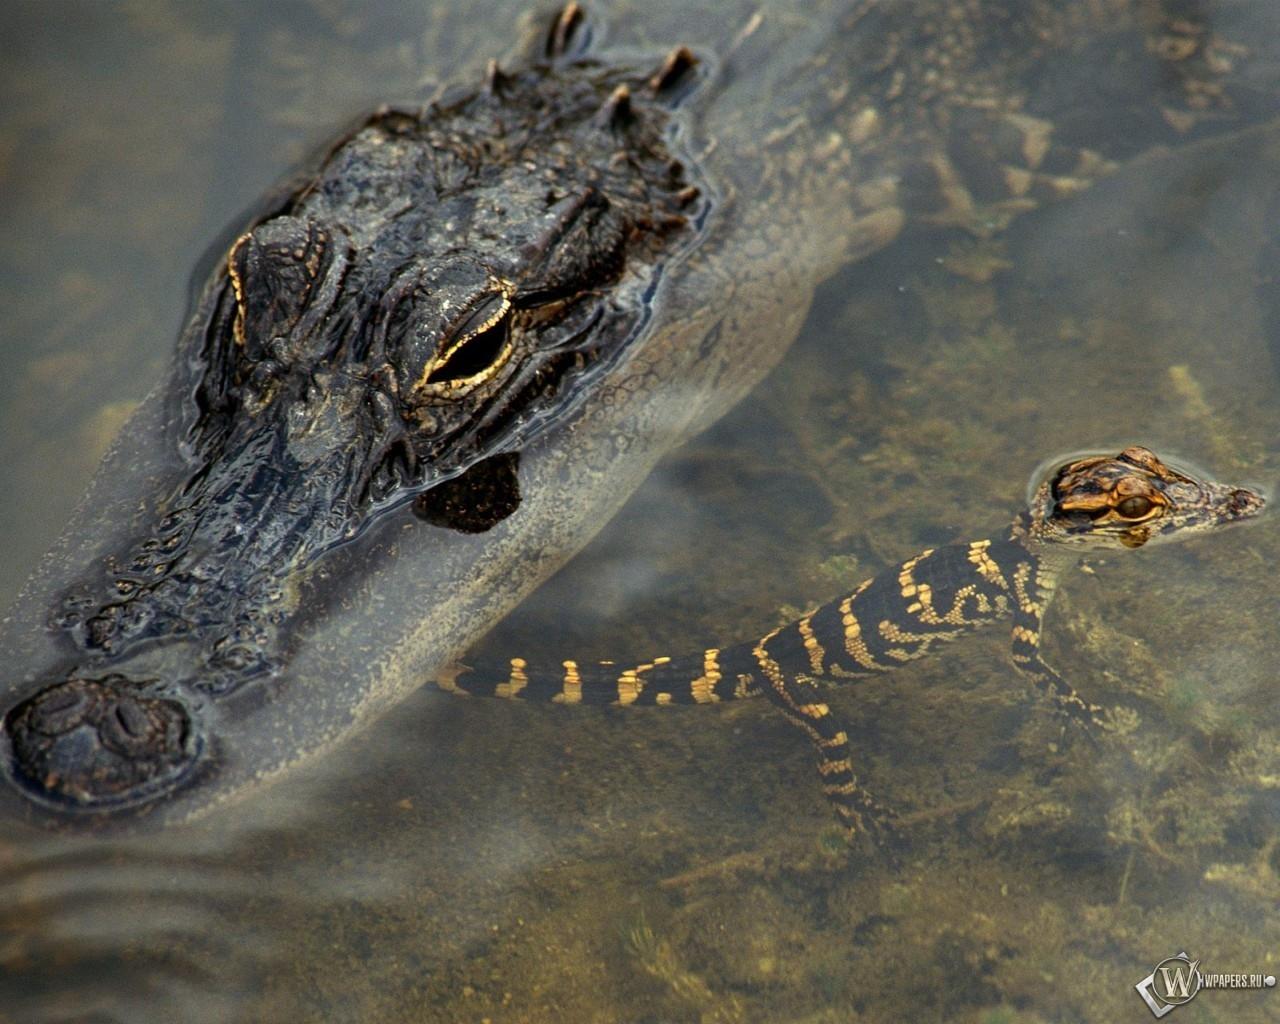 Крокодил с крокодиленышем 1280x1024